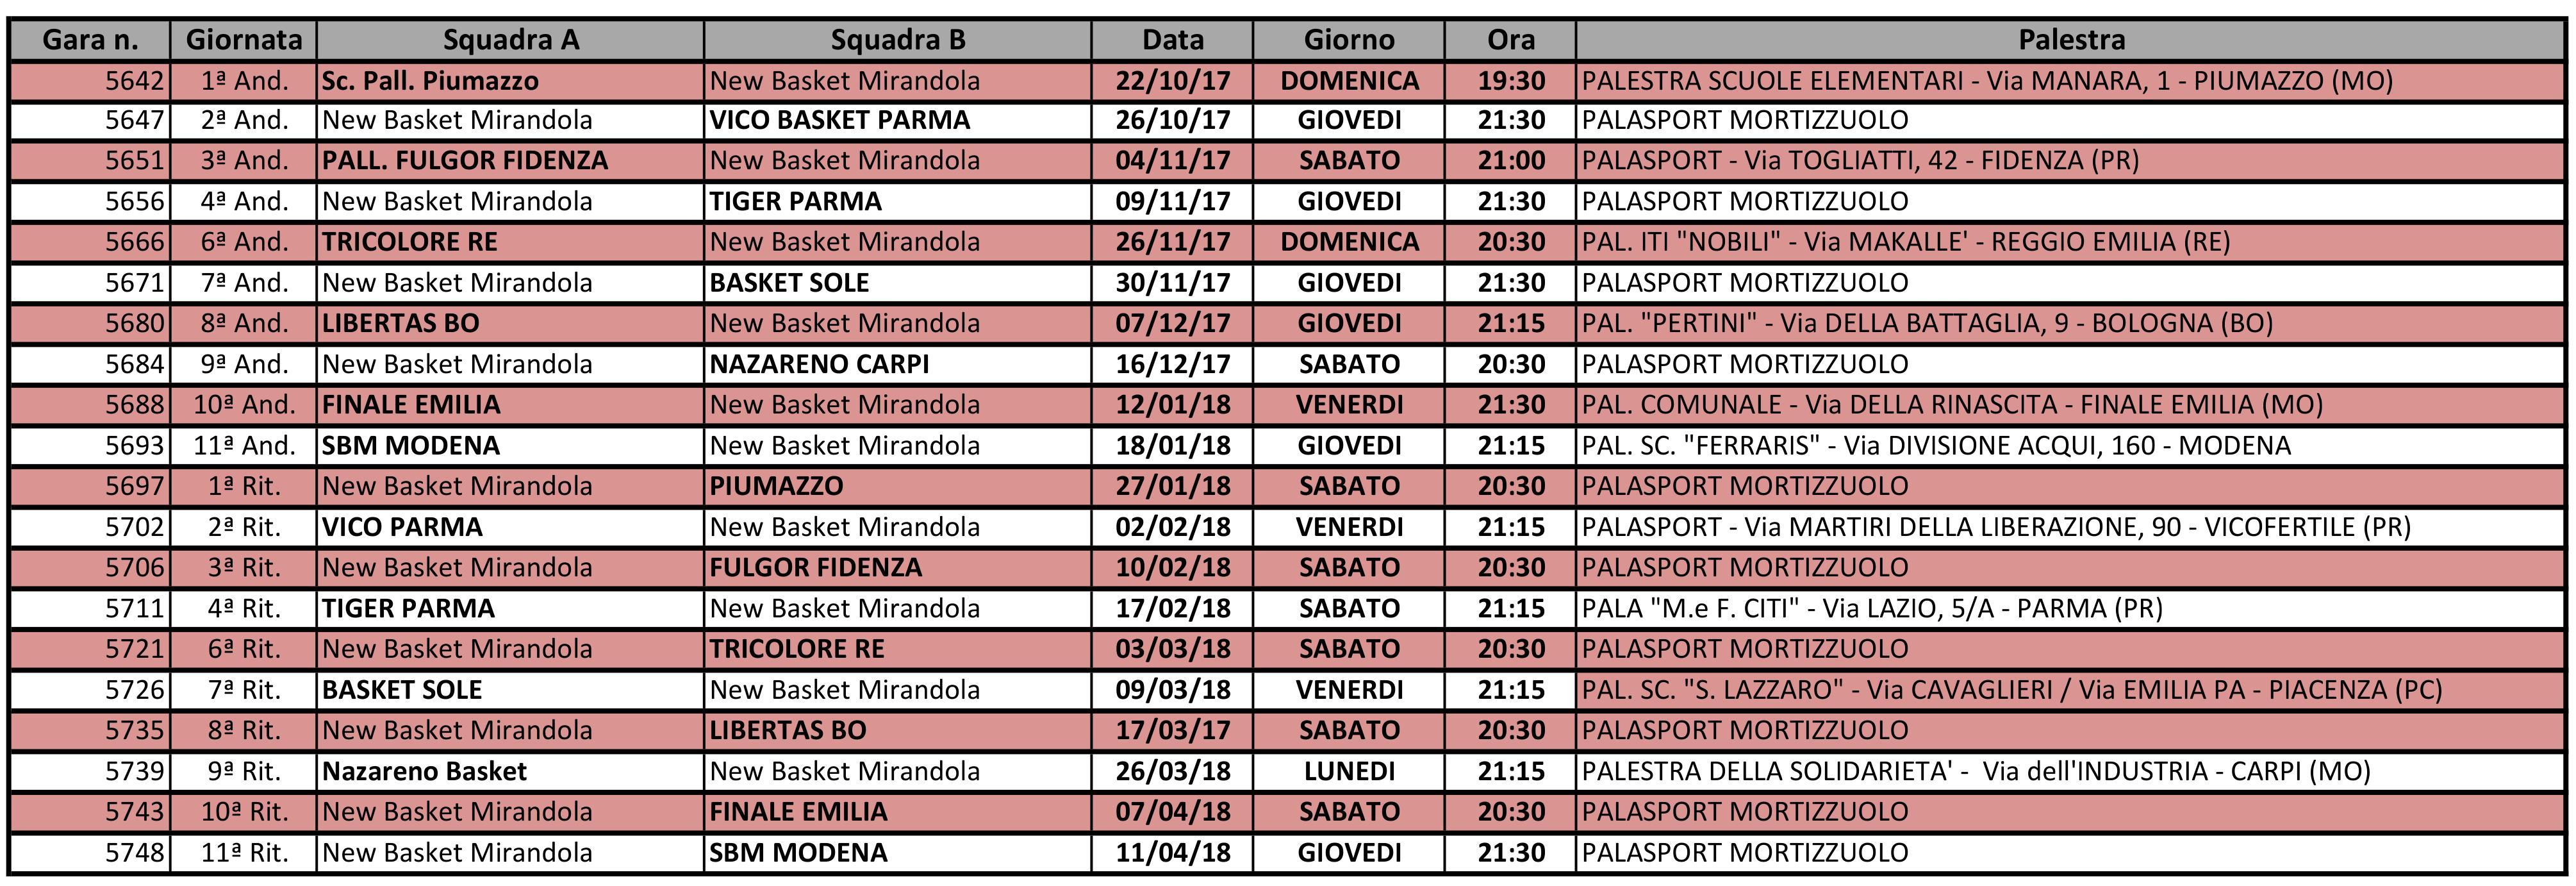 Calendario Serie C.Calendario Serie C Femminile New Basket Mirandola